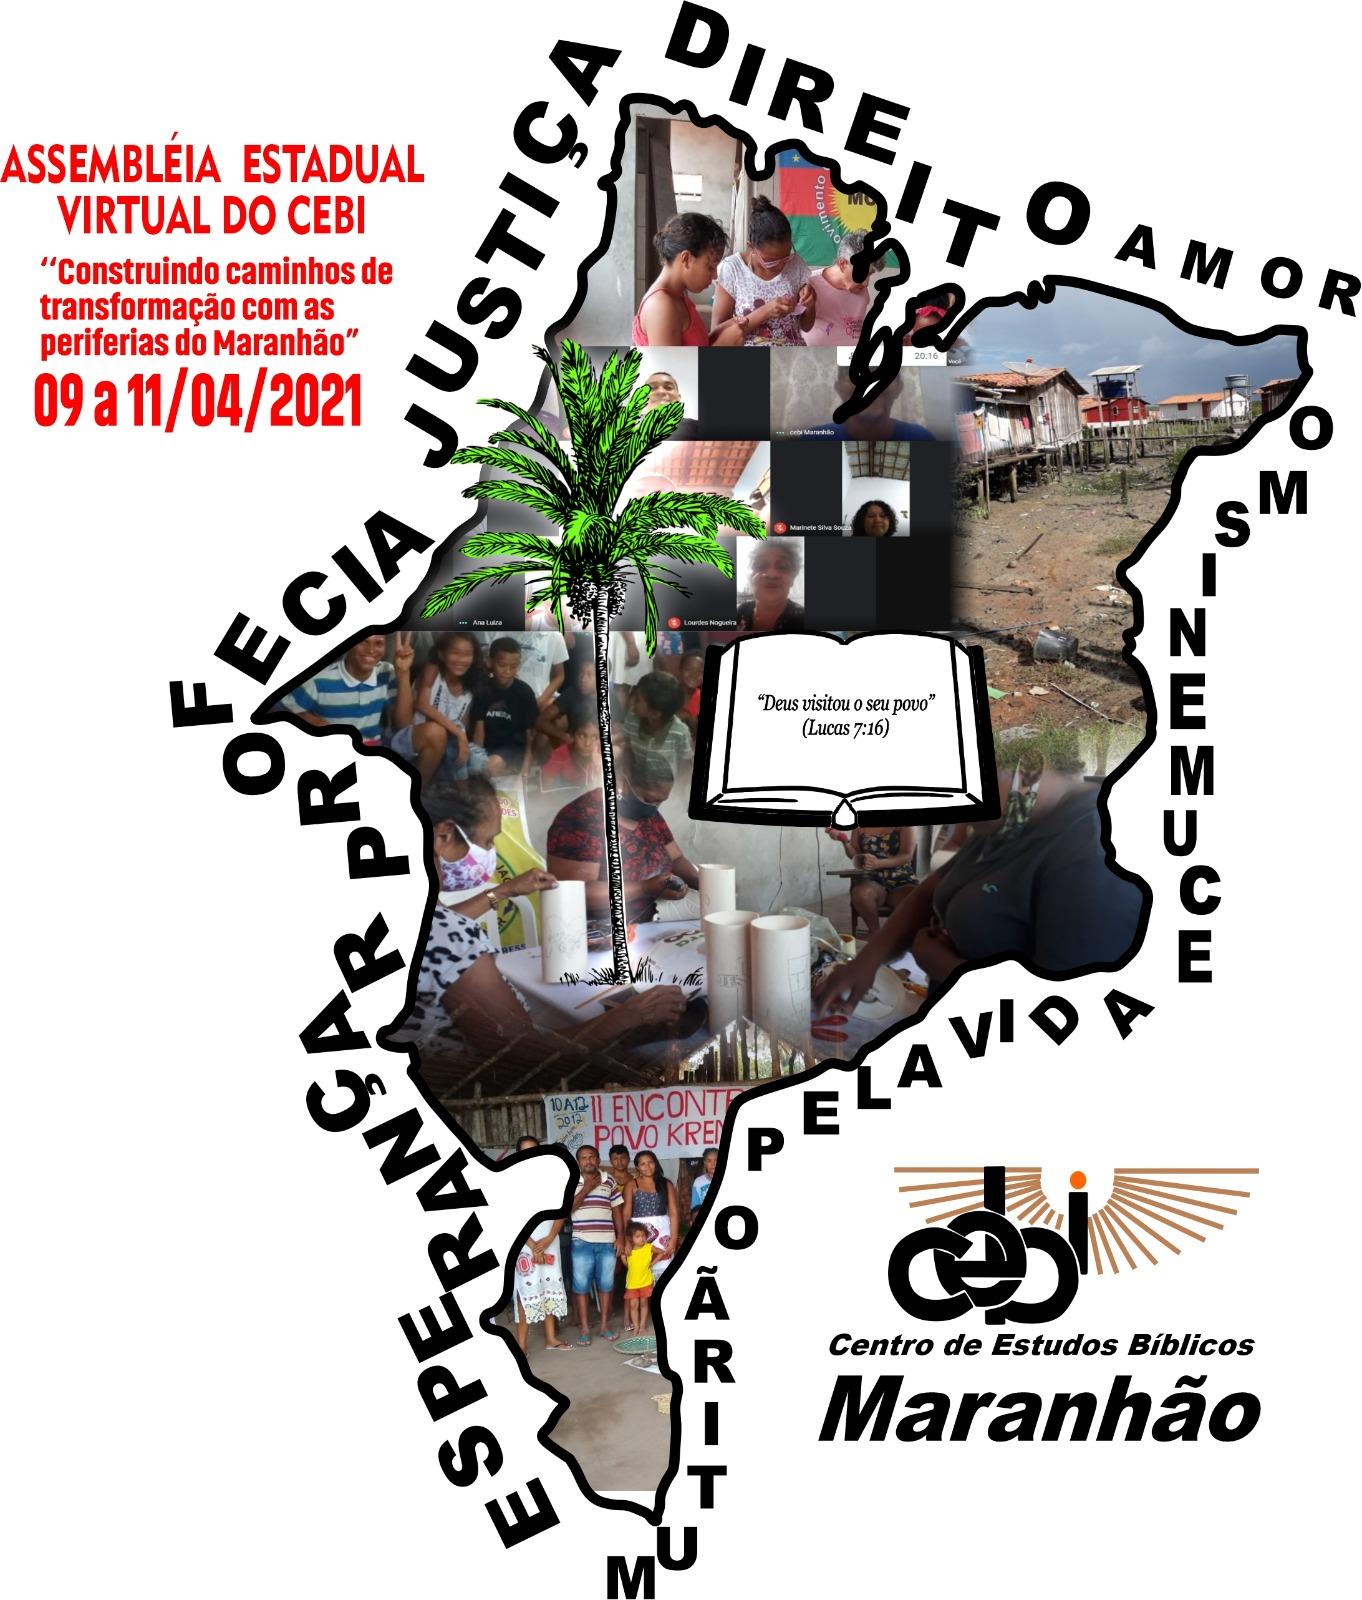 CEBI Maranhão em preparação à Assembleia Nacional do CEBI